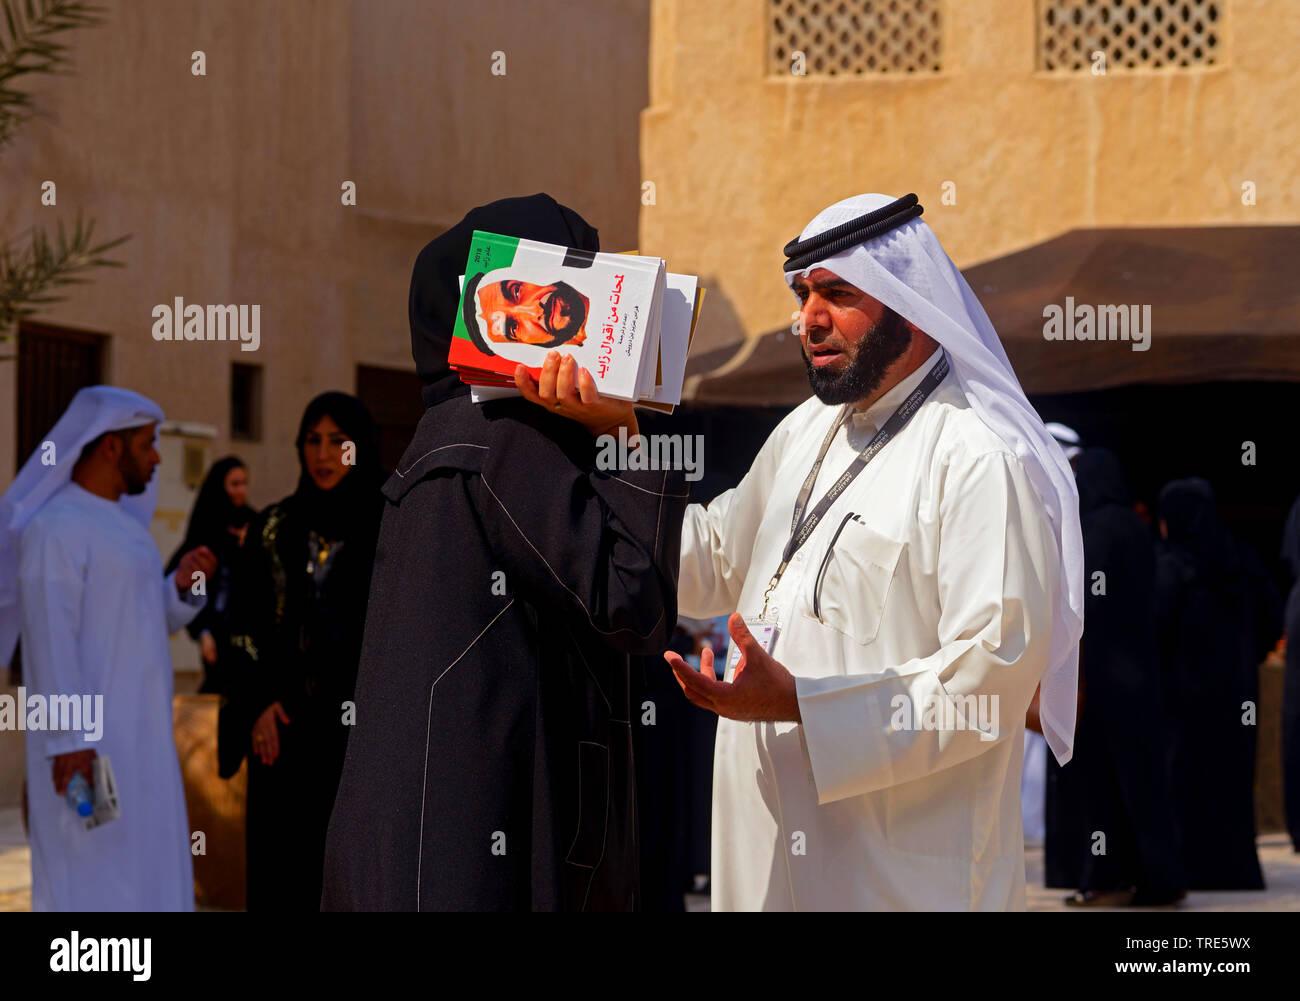 Frau mit Buechern von Scheich Zayid, dem ersten Praesidenten der Vereinigten Arabischen Emirate, unterhaelt sich, Vereinigte Arabische Emirate, Dubai - Stock Image